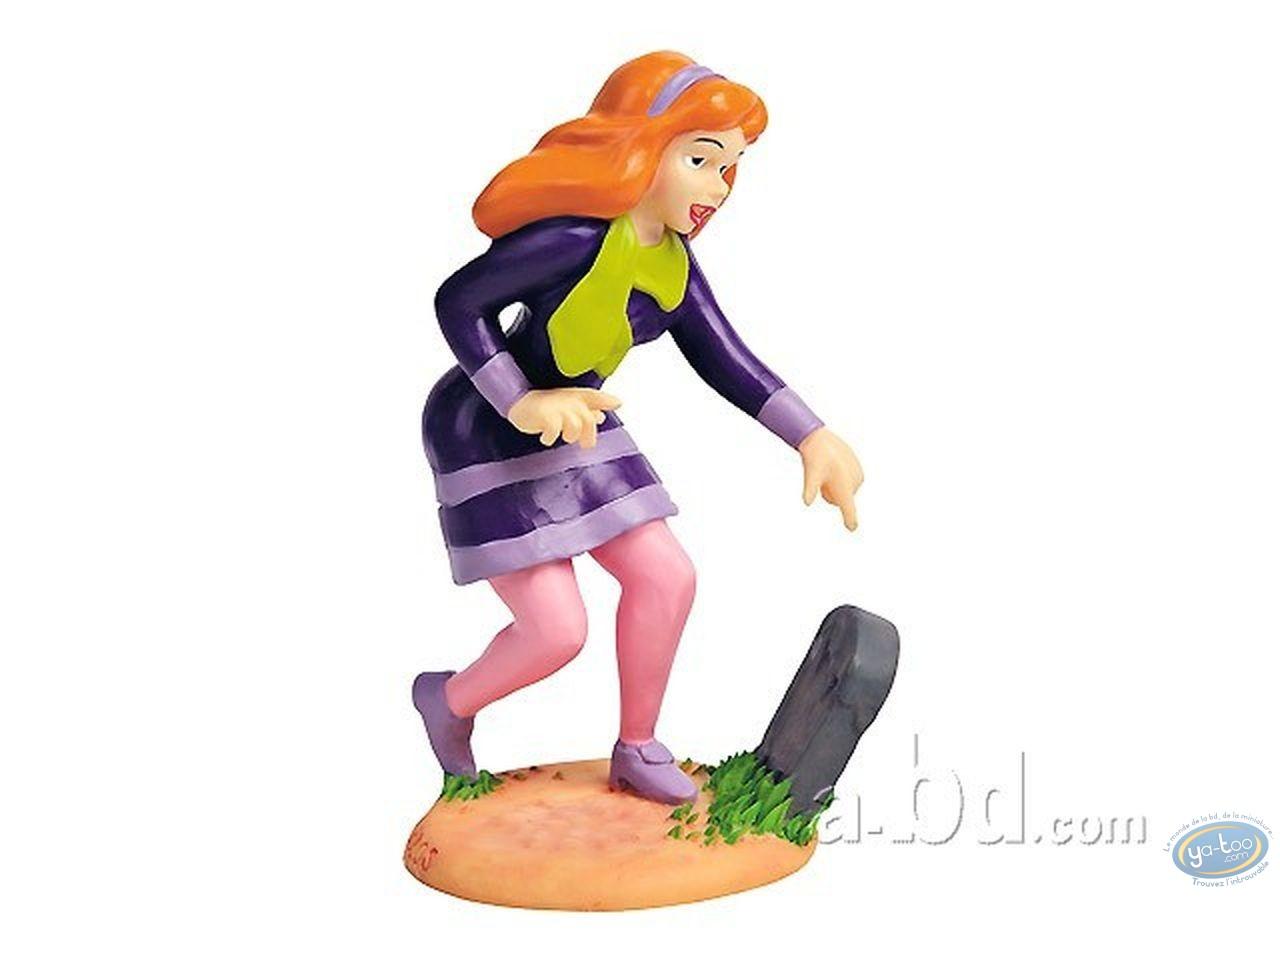 Statuette résine, Scooby-Doo : Daphné